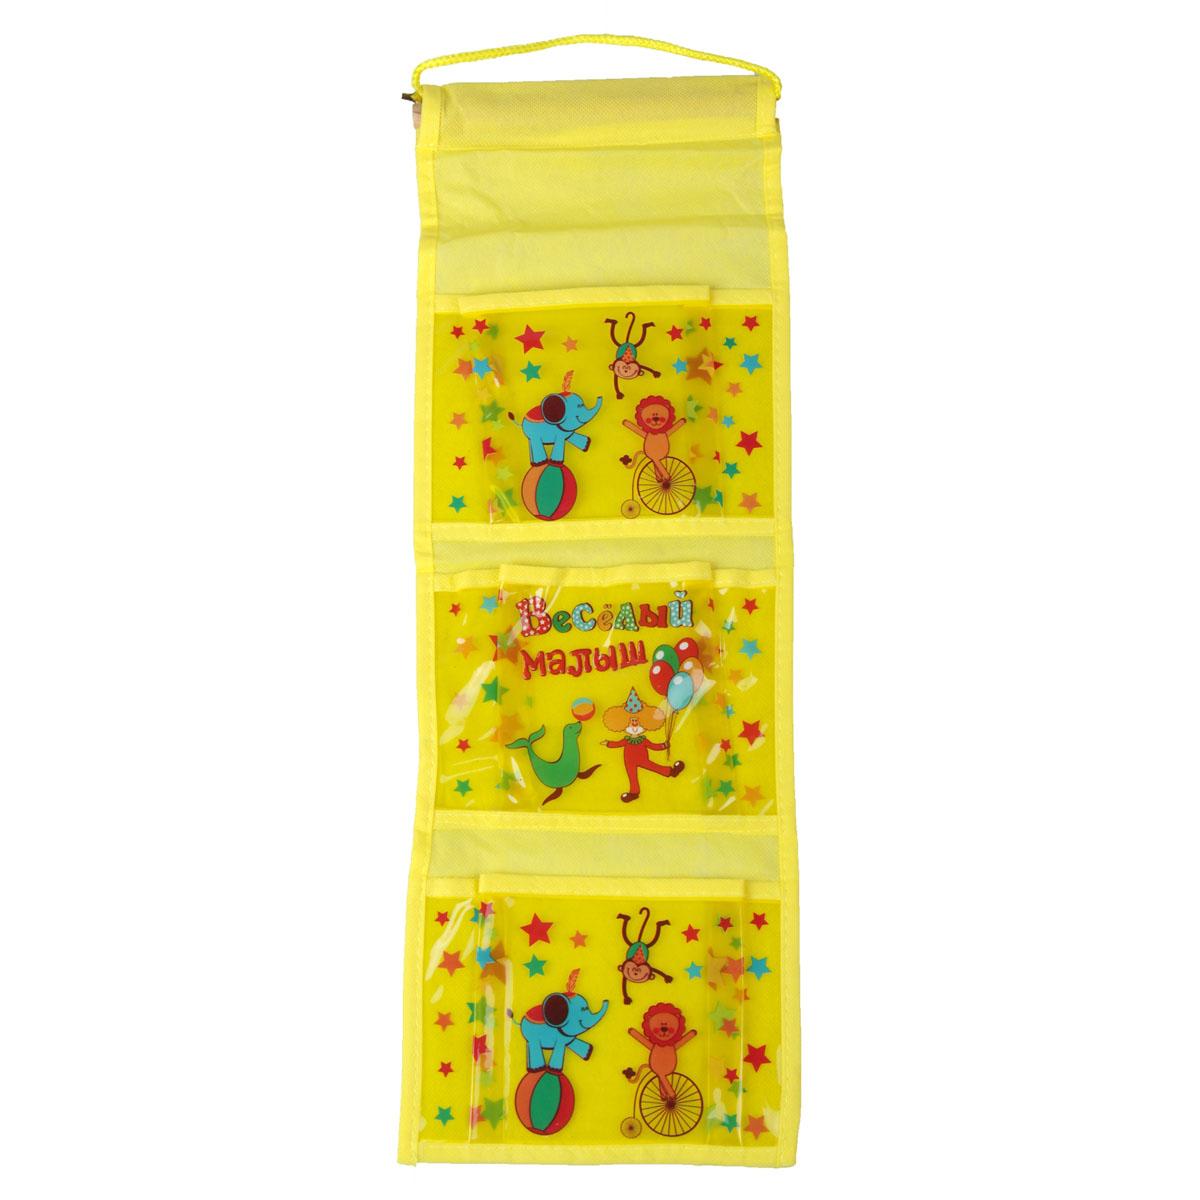 Кармашки на стену Sima-land Веселый малыш, цвет: желтый, красный, зеленый, 3 шт907761Кармашки на стену Sima-land «Веселый малыш», изготовленные из текстиля и пластика, предназначены для хранения необходимых вещей, множества мелочей в гардеробной, ванной, детской комнатах. Изделие представляет собой текстильное полотно с тремя пришитыми кармашками. Благодаря деревянной планке и шнурку, кармашки можно подвесить на стену или дверь в необходимом для вас месте. Кармашки декорированы изображениями забавных артистов цирка и надписью «Веселый малыш». Этот нужный предмет может стать одновременно и декоративным элементом комнаты. Яркий дизайн, как ничто иное, способен оживить интерьер вашего дома.